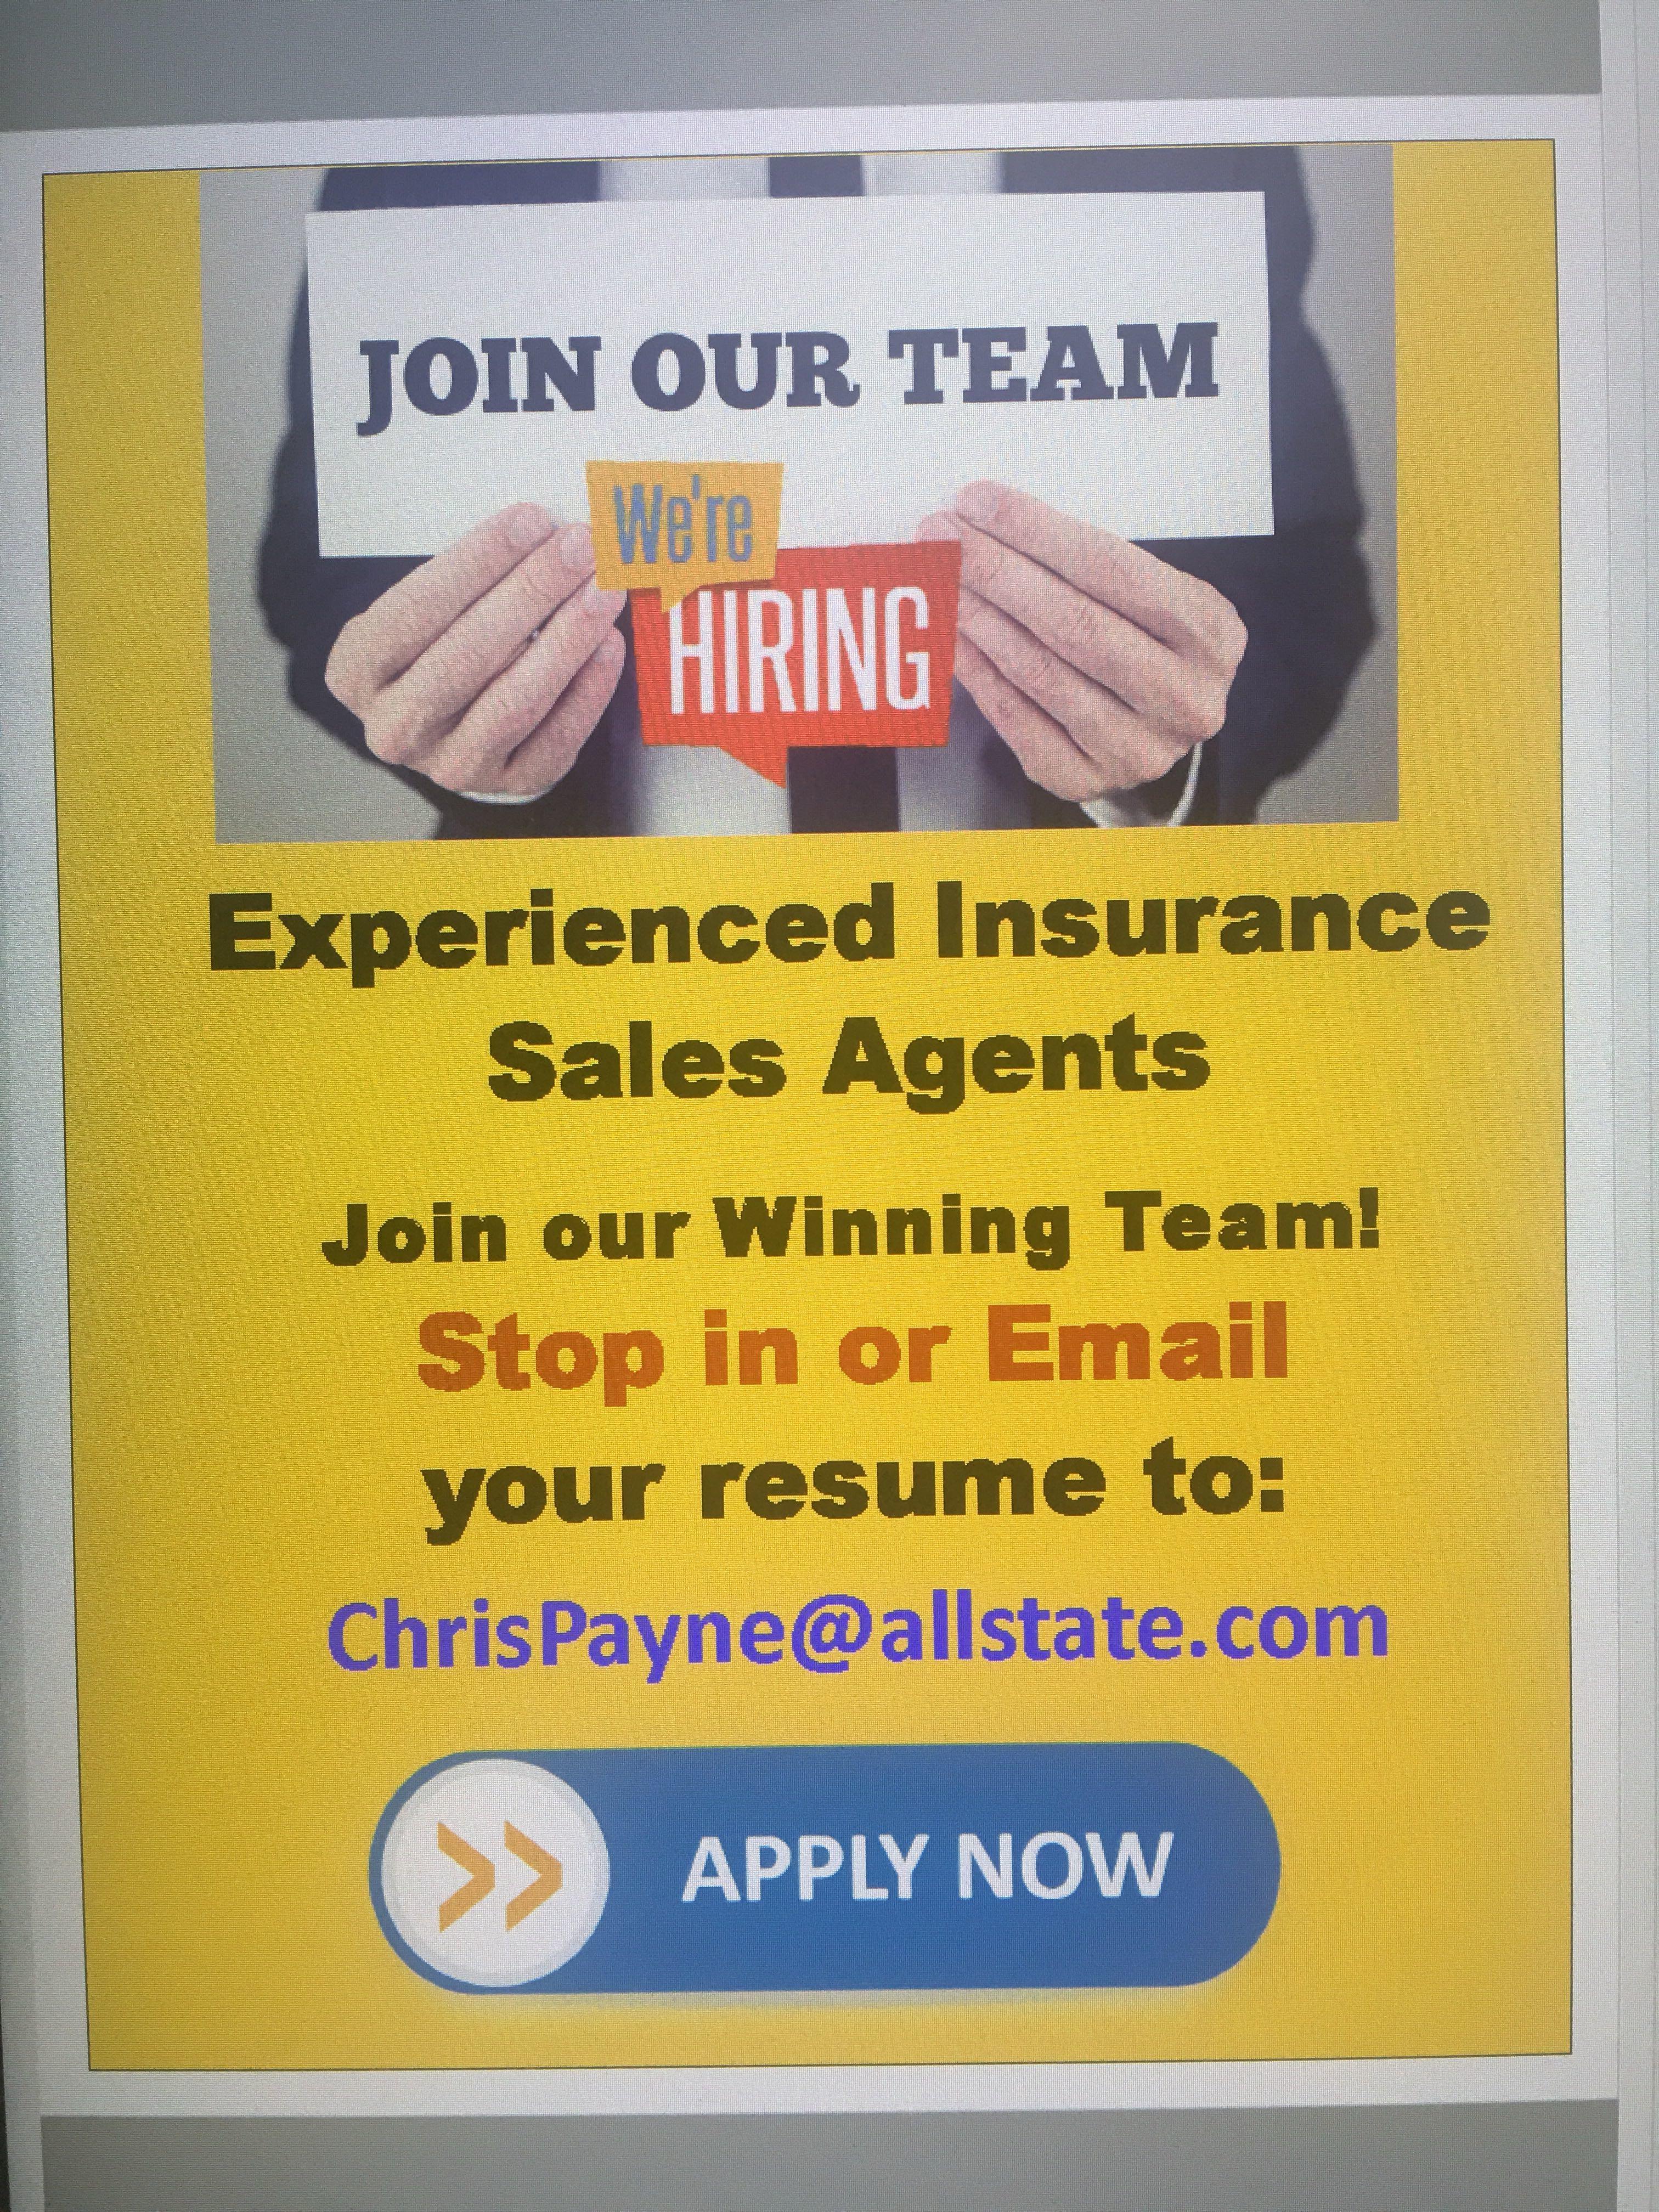 Chris Payne: Allstate Insurance image 8